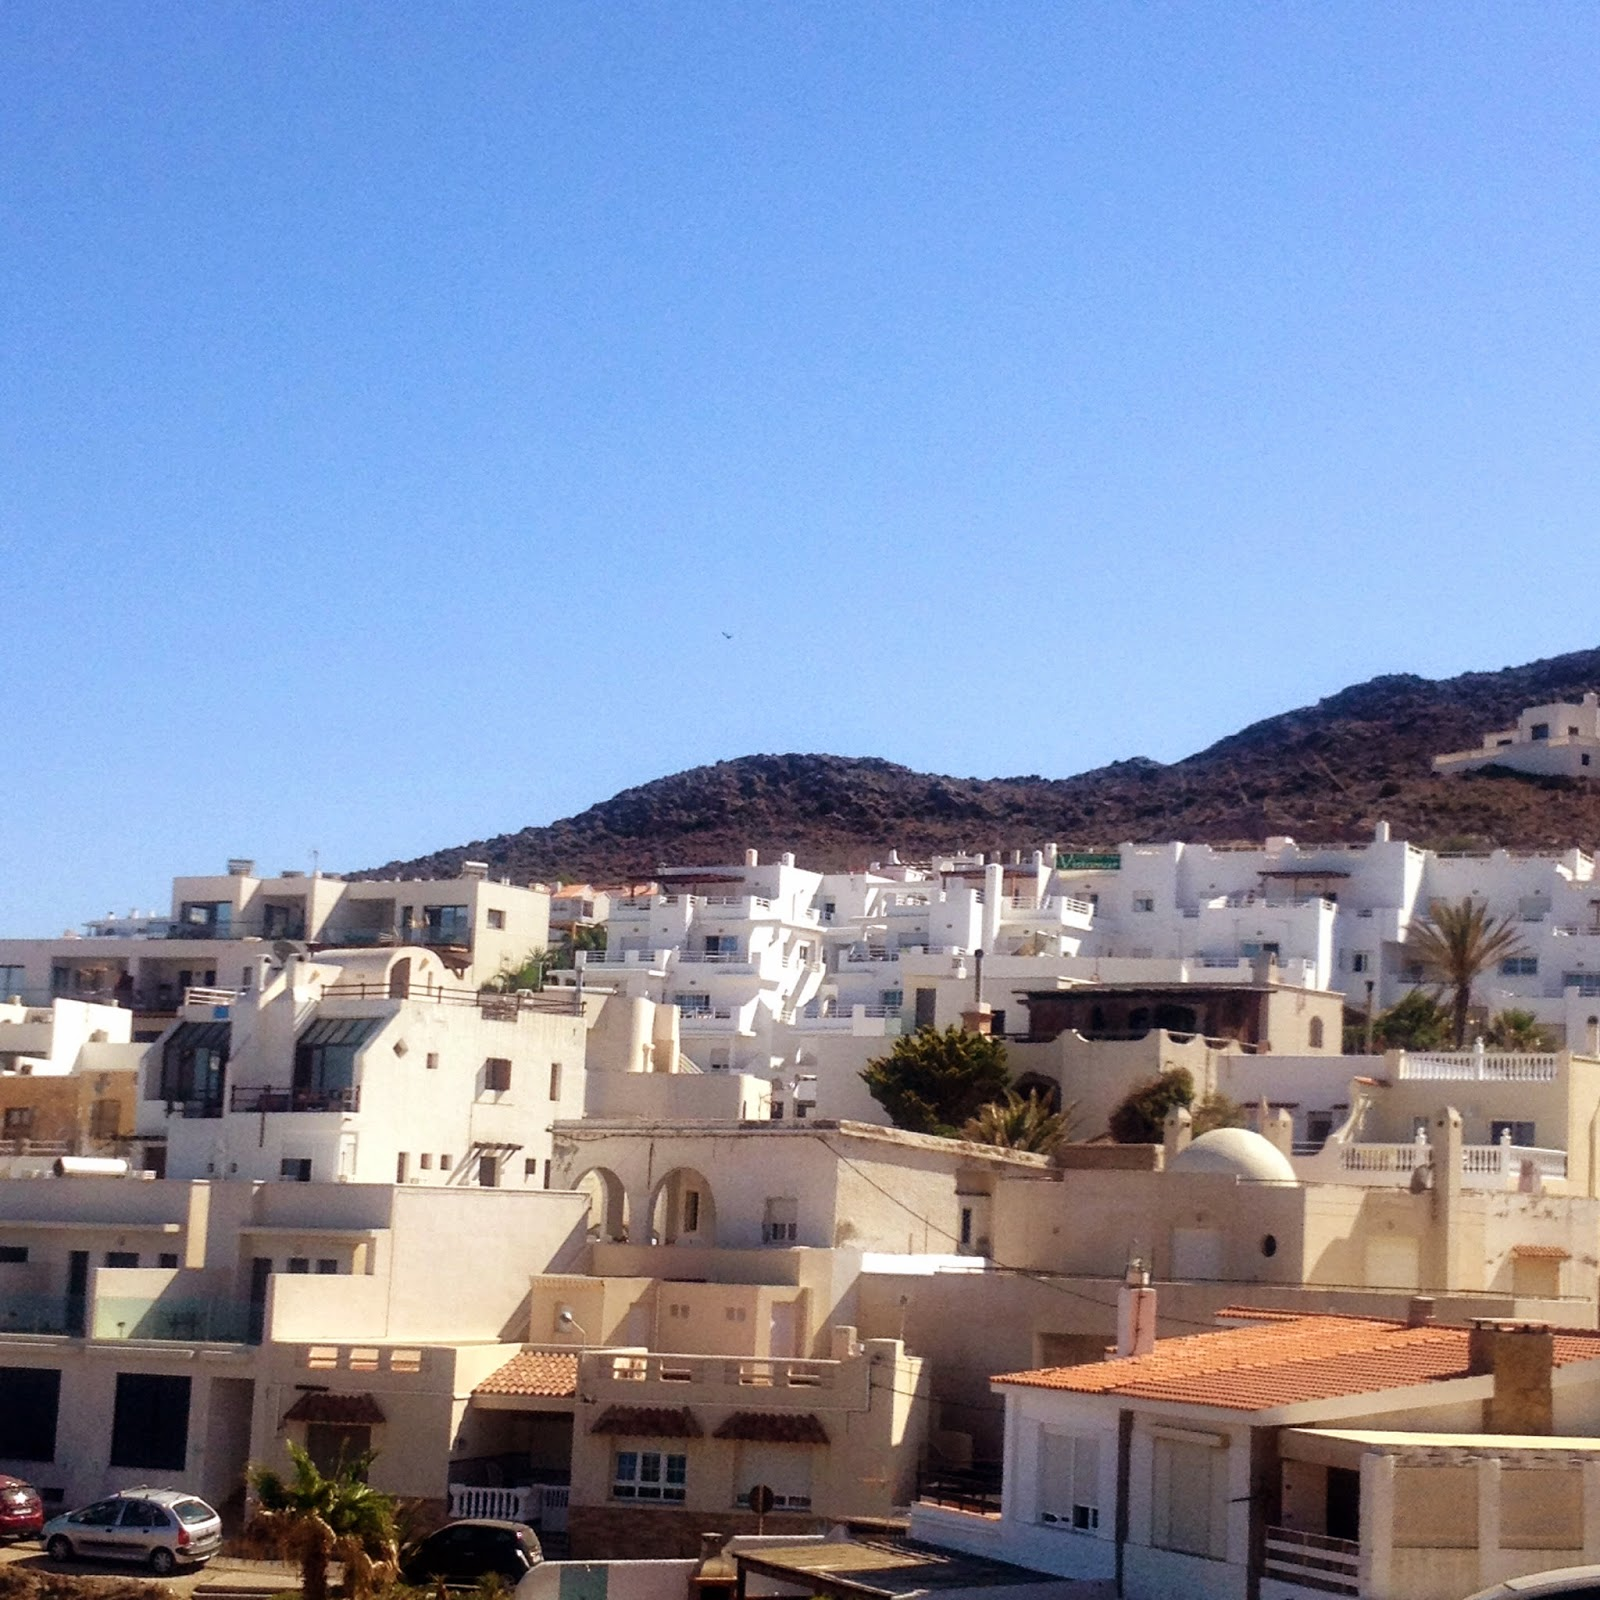 Almeria impresionante san jose almeria 2014 casas playa pueblo - Casas en san jose almeria ...